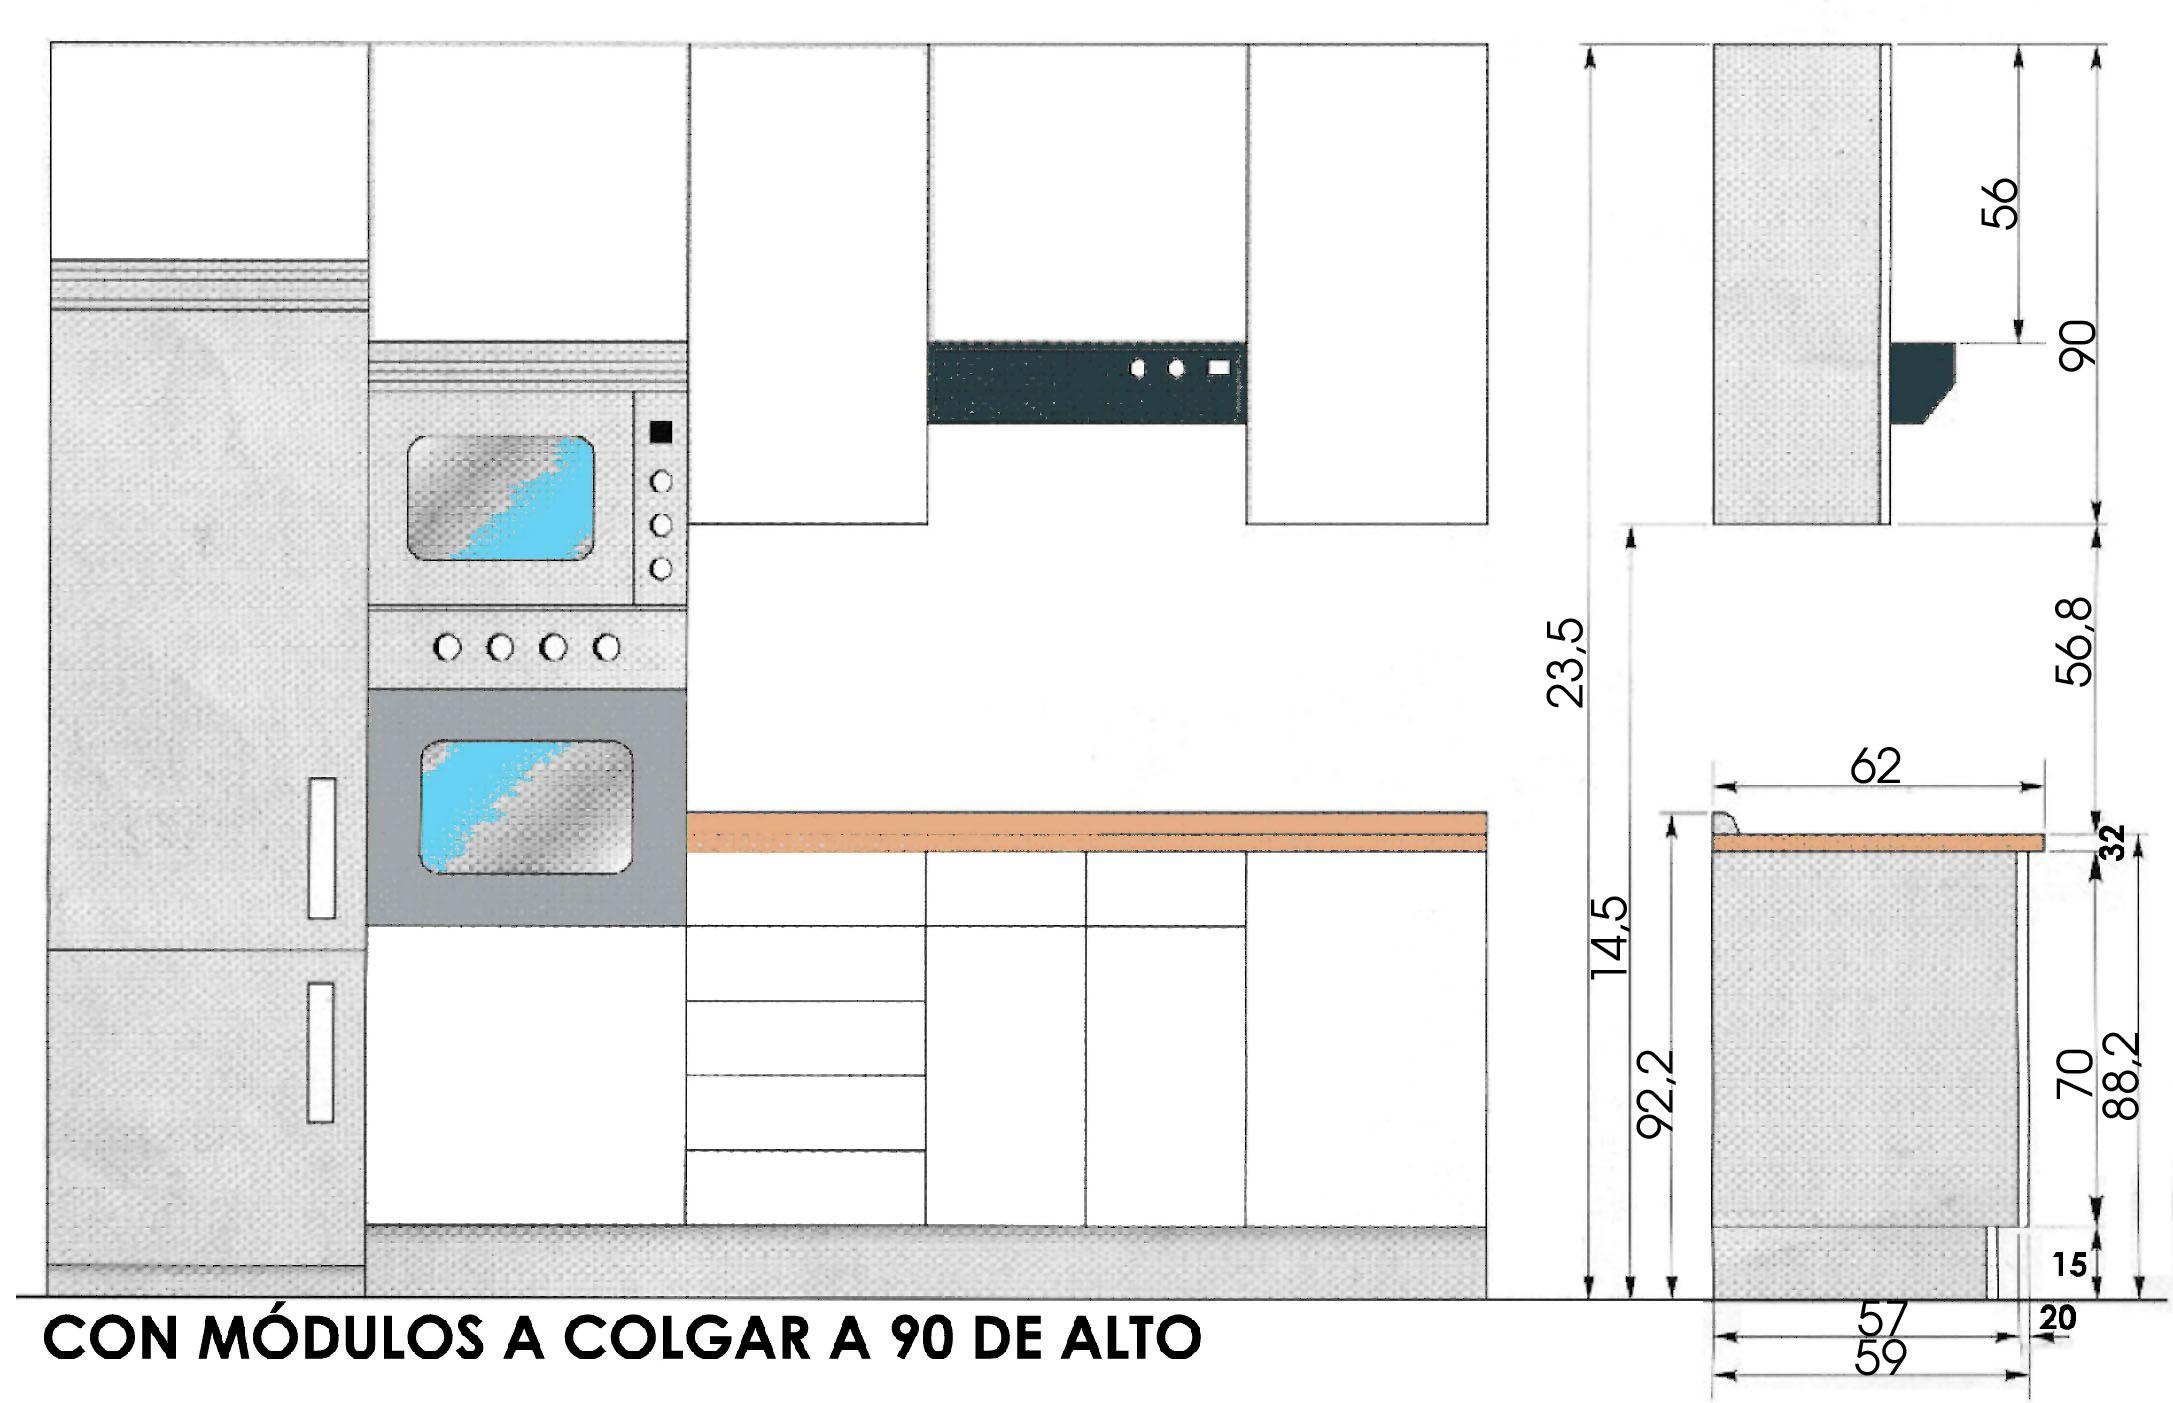 medidas muebles de cocina  Buscar con Google  salas, muebles y